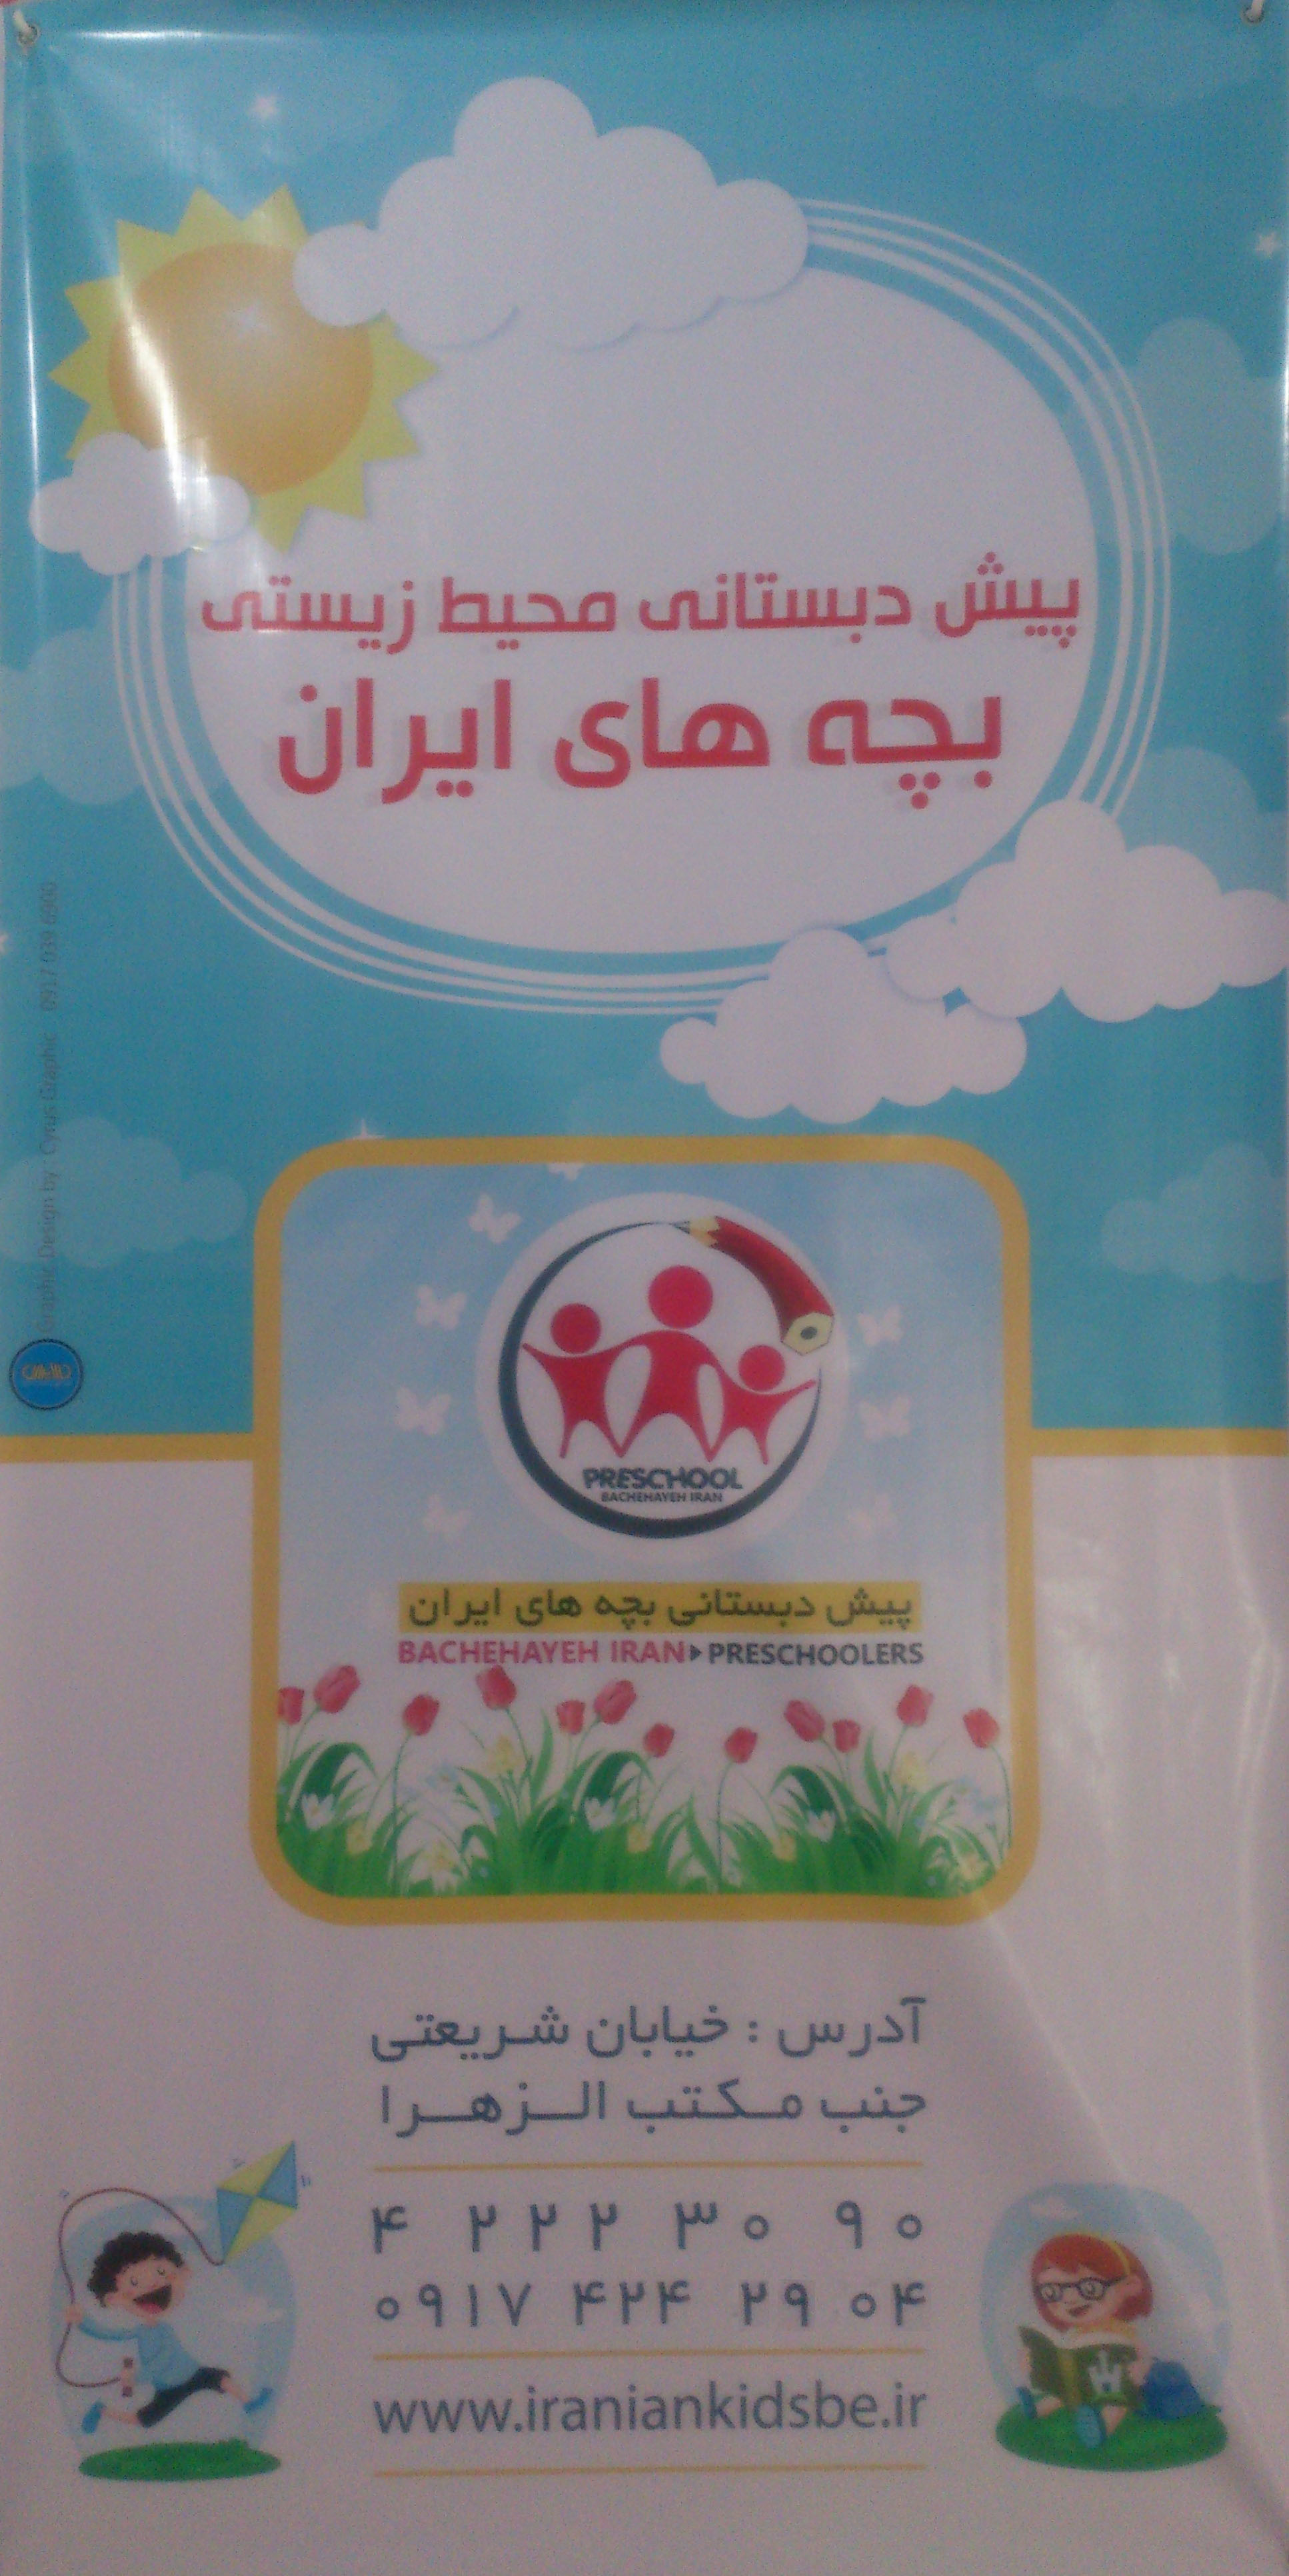 ثبت نام در سایت اینترنتی بچه های ایران